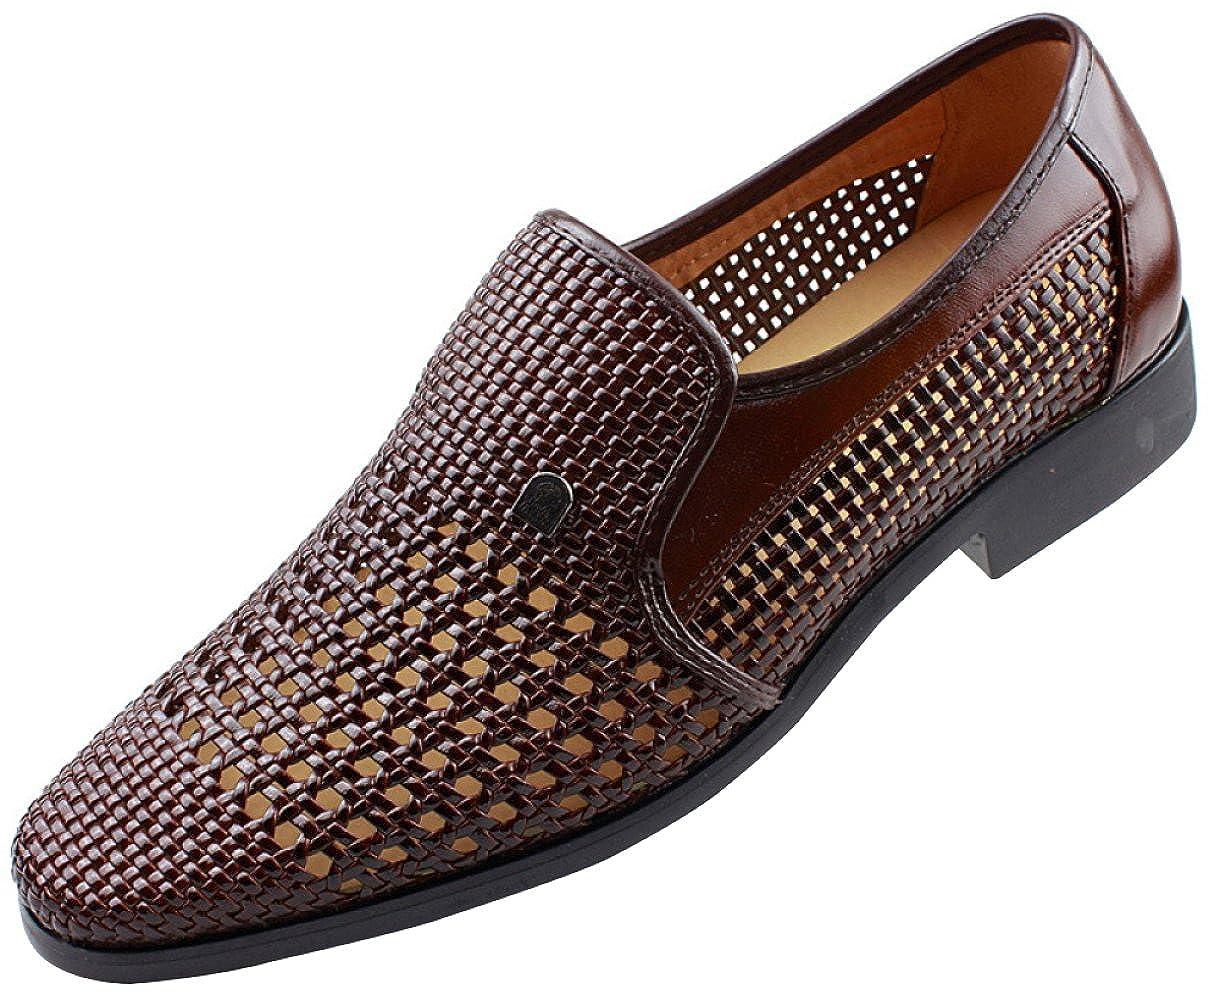 Männer Sommer Hohl Sandaleen Derby Schuhe Geschäft Casual Schuhe Handgewebte Atmungsaktiv